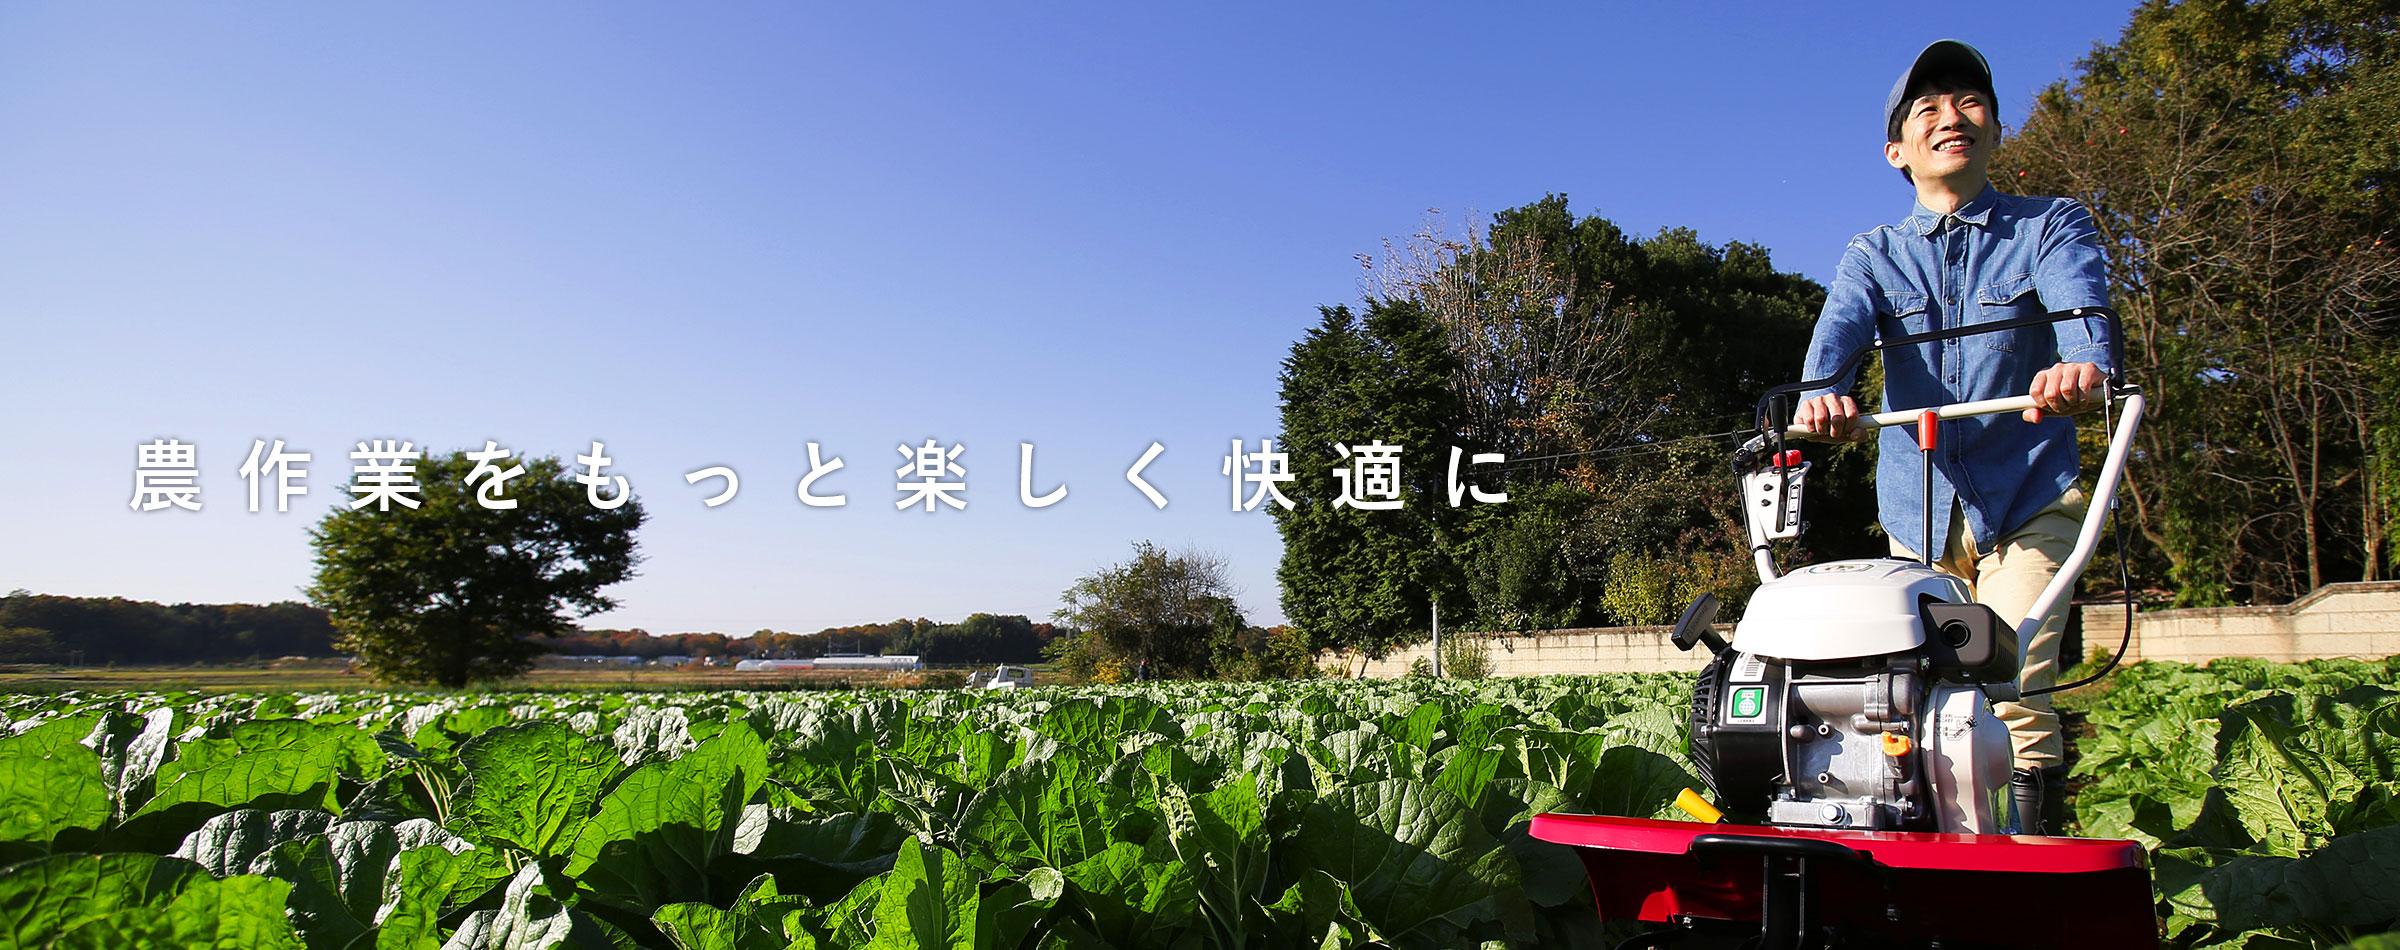 農作業をもっと楽しく快適に